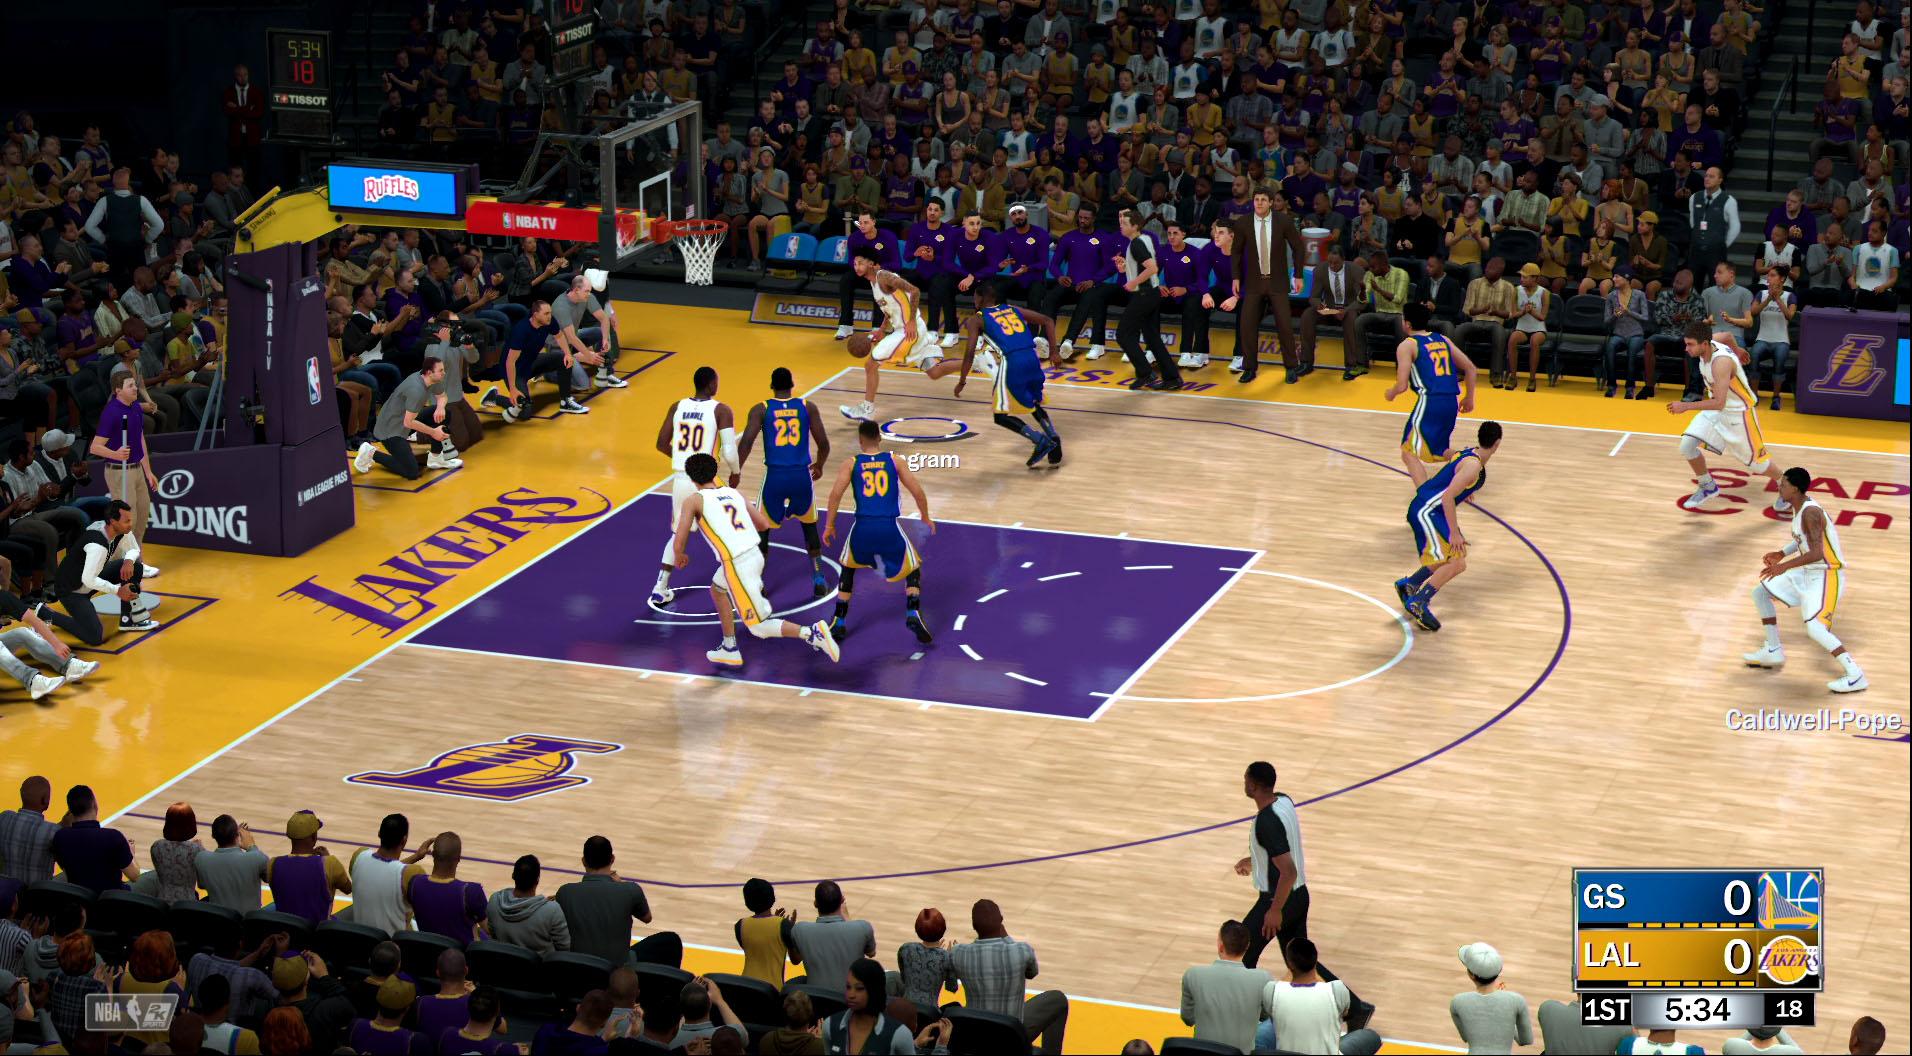 リアルなグラフィックス、進化したモデリング……NBAファンを満足させるハイクオリティだ